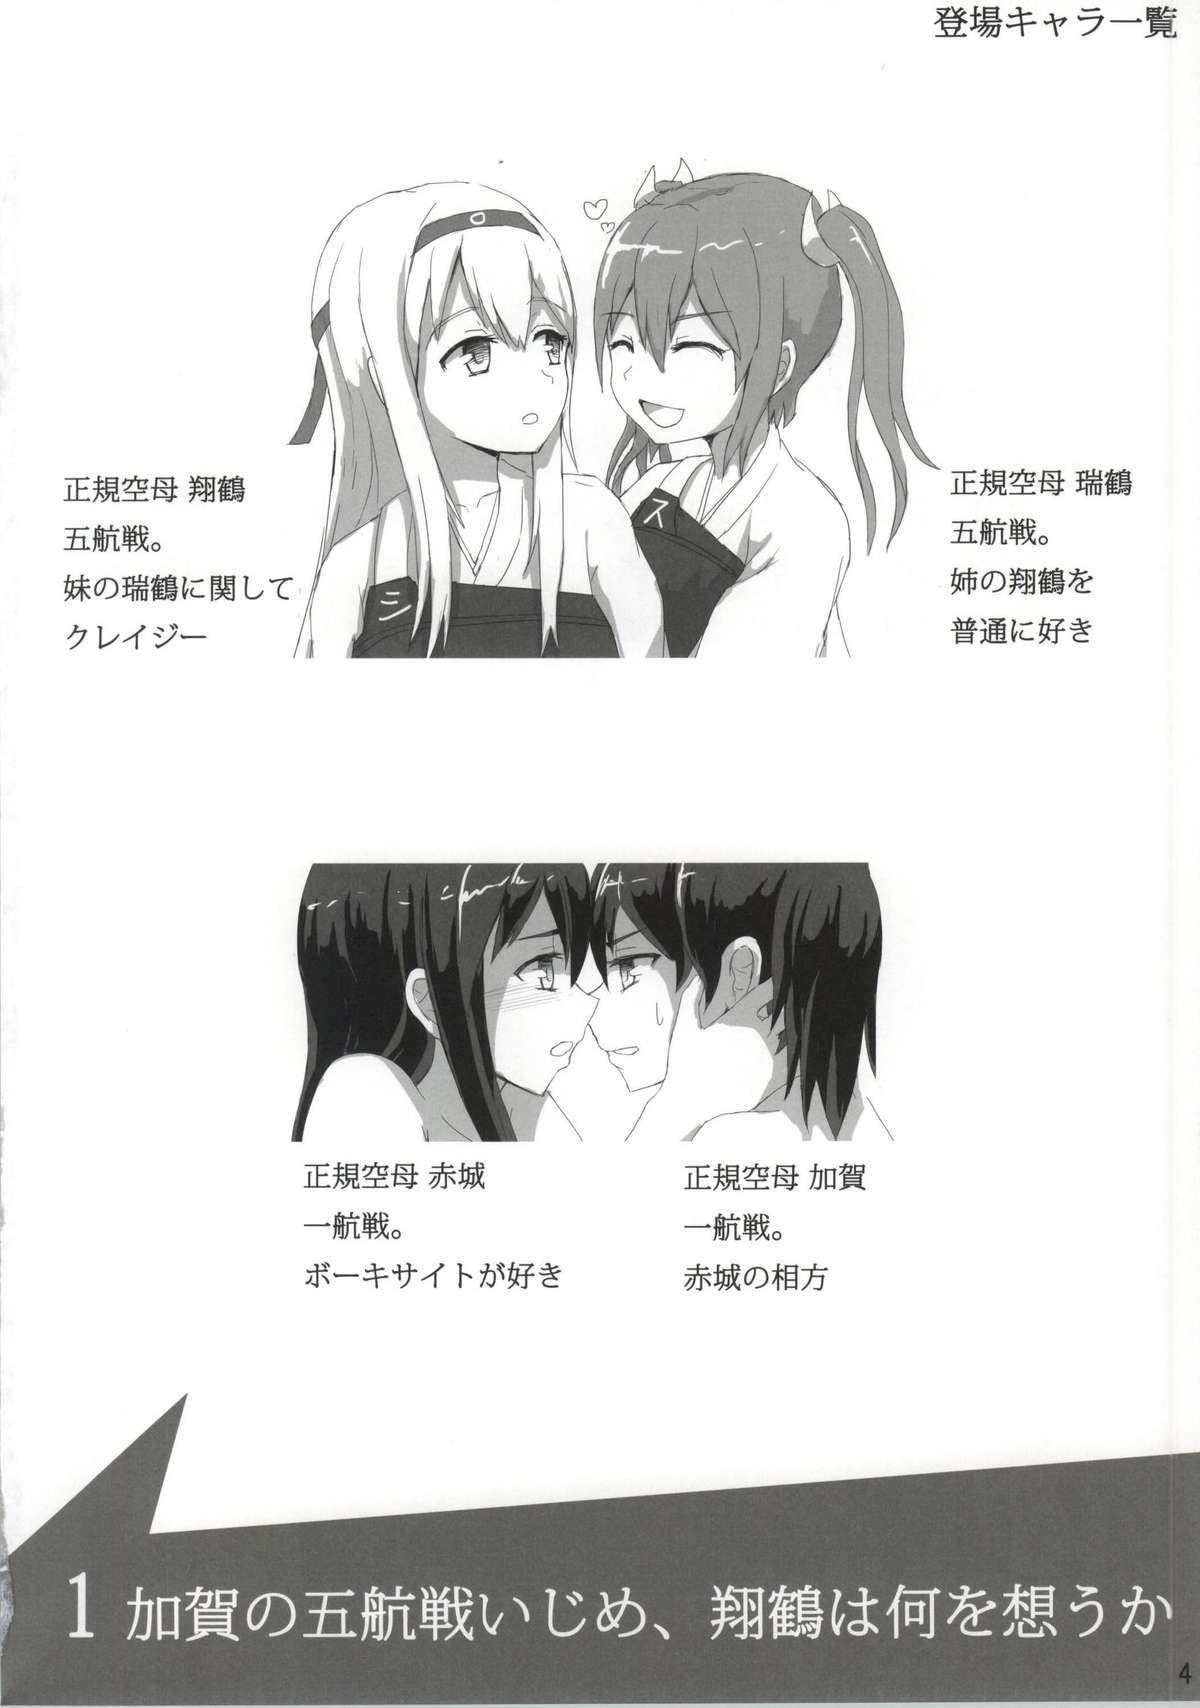 Shoukaku to Zuikaku to 2